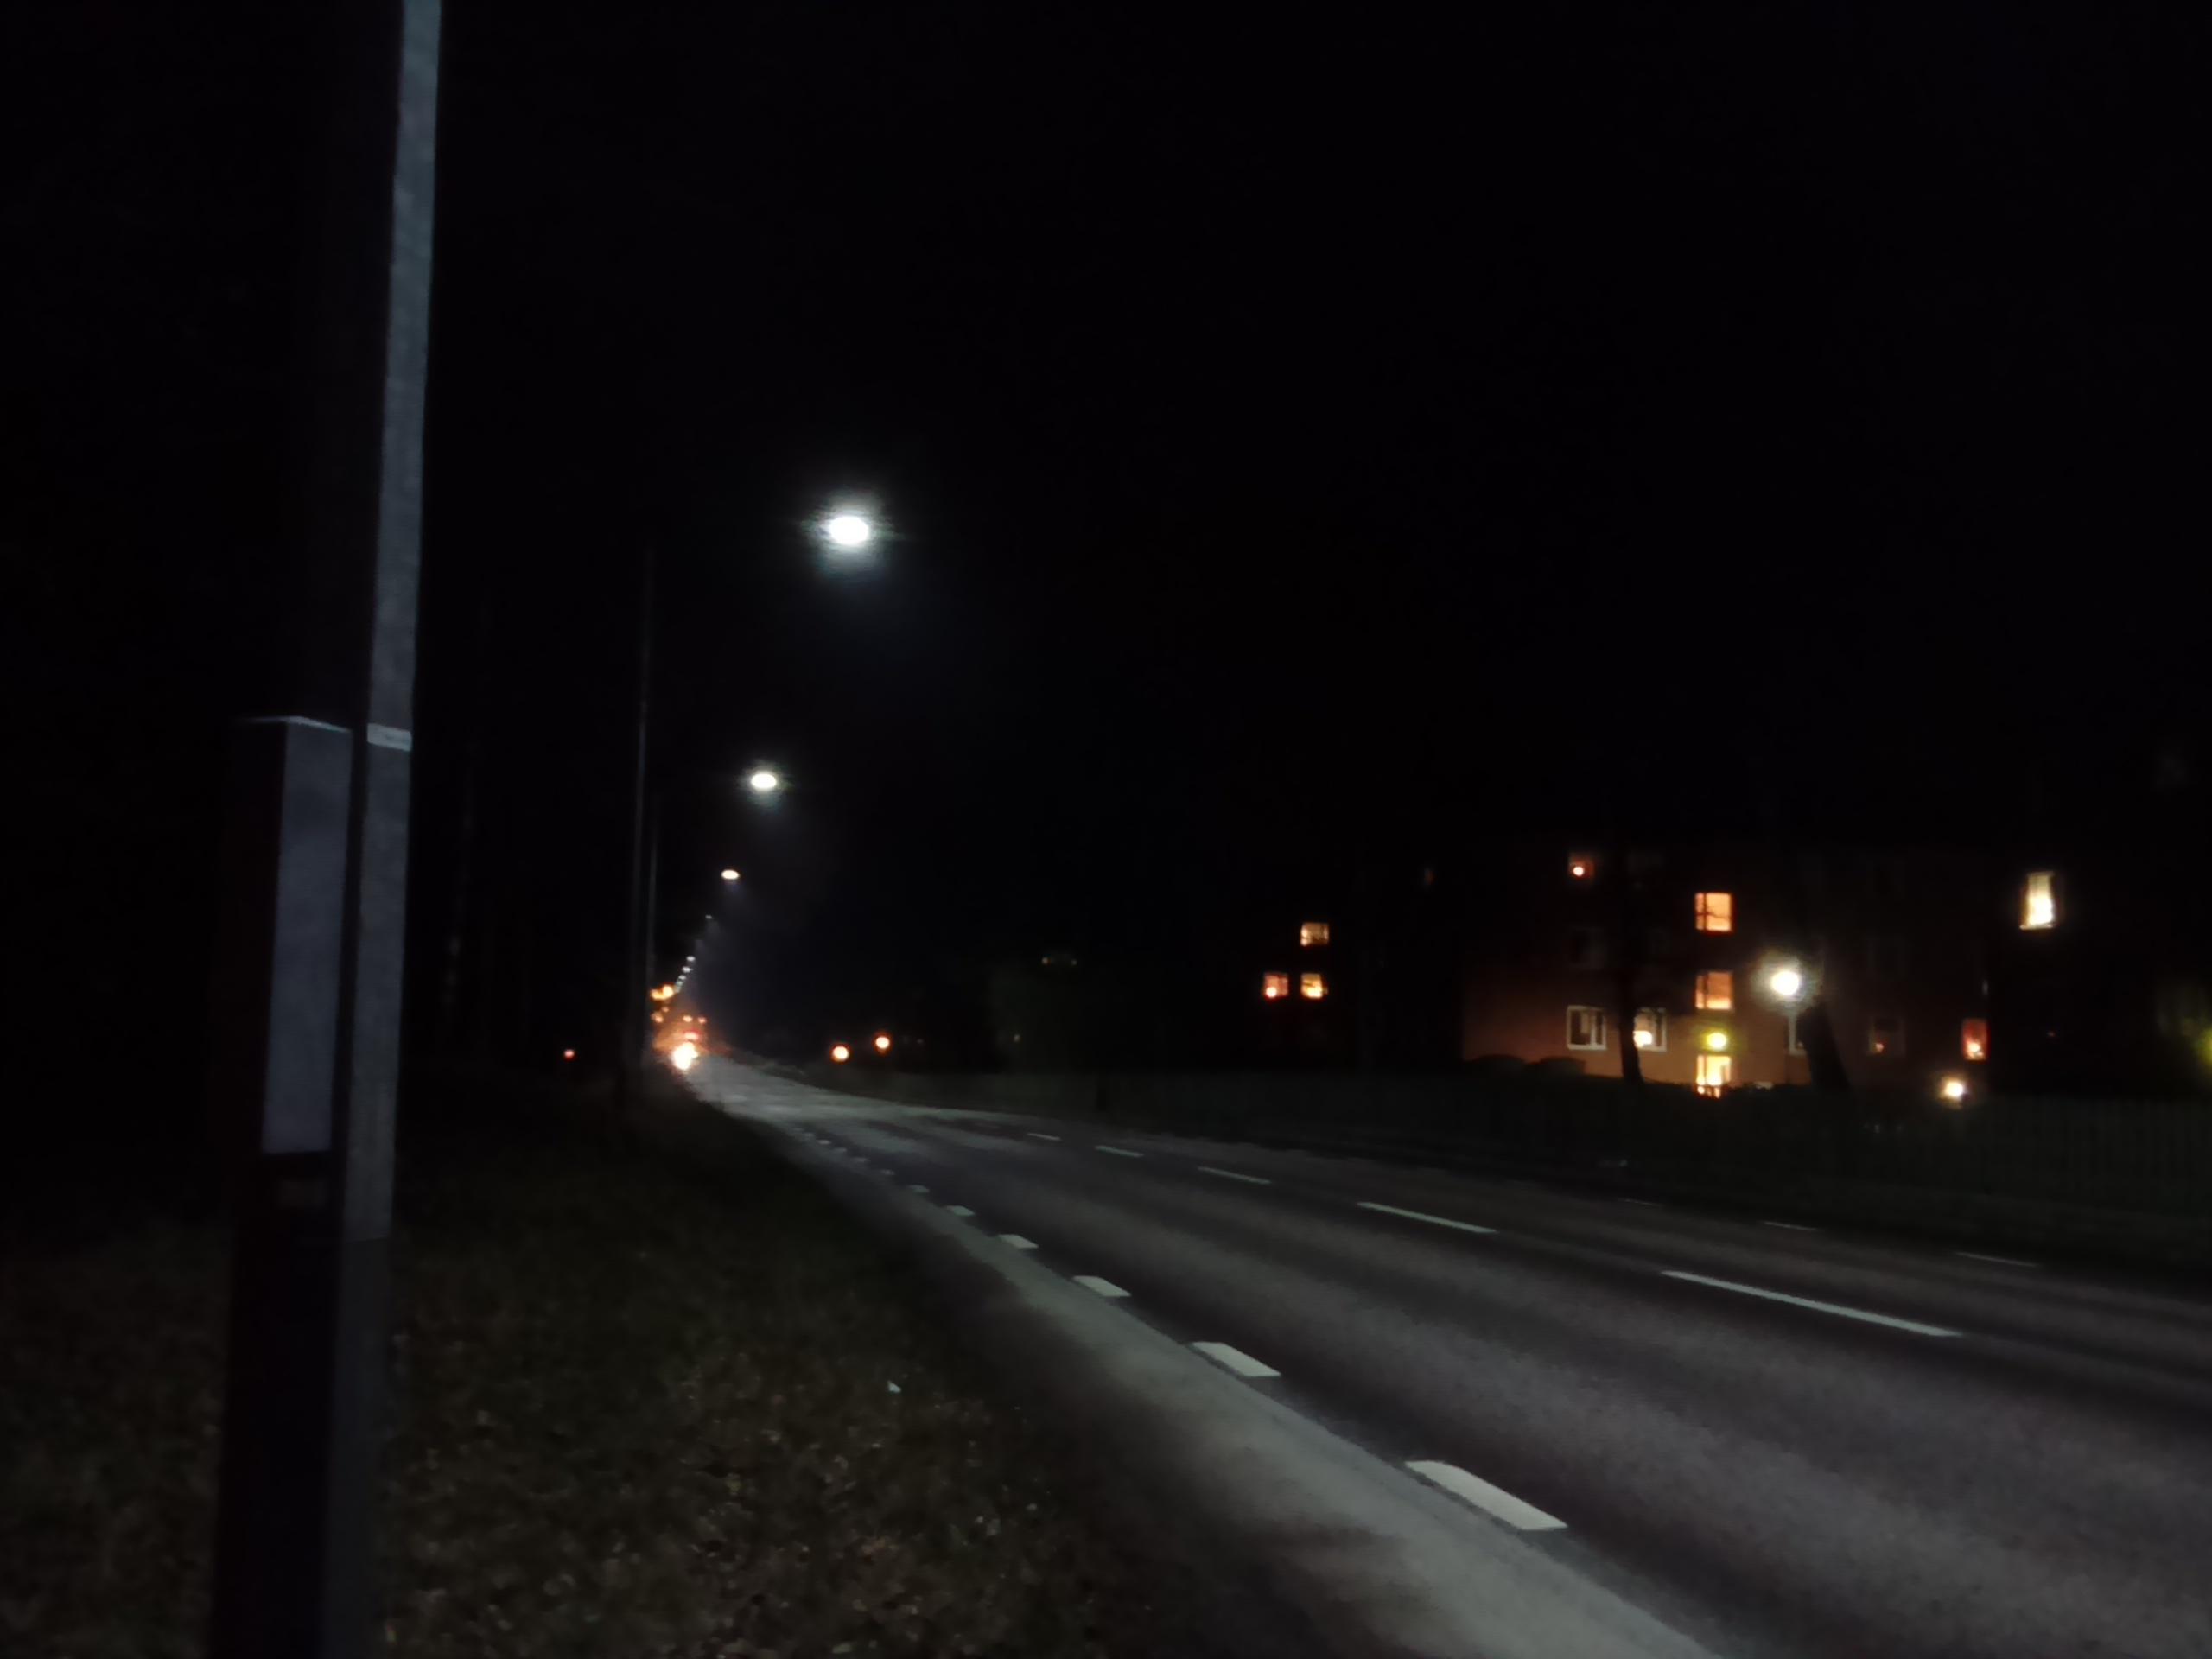 Vi kan jämföra med en kilometerlång sträcka utmed Norra Vägen i Nybro, med samma mobilkamera opch samma väderlek under samma kväll. LED-belysningen utgör en några år gammal teststräcka och är tydligt kall både för blotta ögat och för kameran. Som synes ansluter så gul natriumbelysningen. Vid östra infarten till Nybro finns för övrigt en långre sträcka med gul-orange LED-belysning, som är tydligt varmvit och omöjlig att skilja från natrium högtrycksljus.